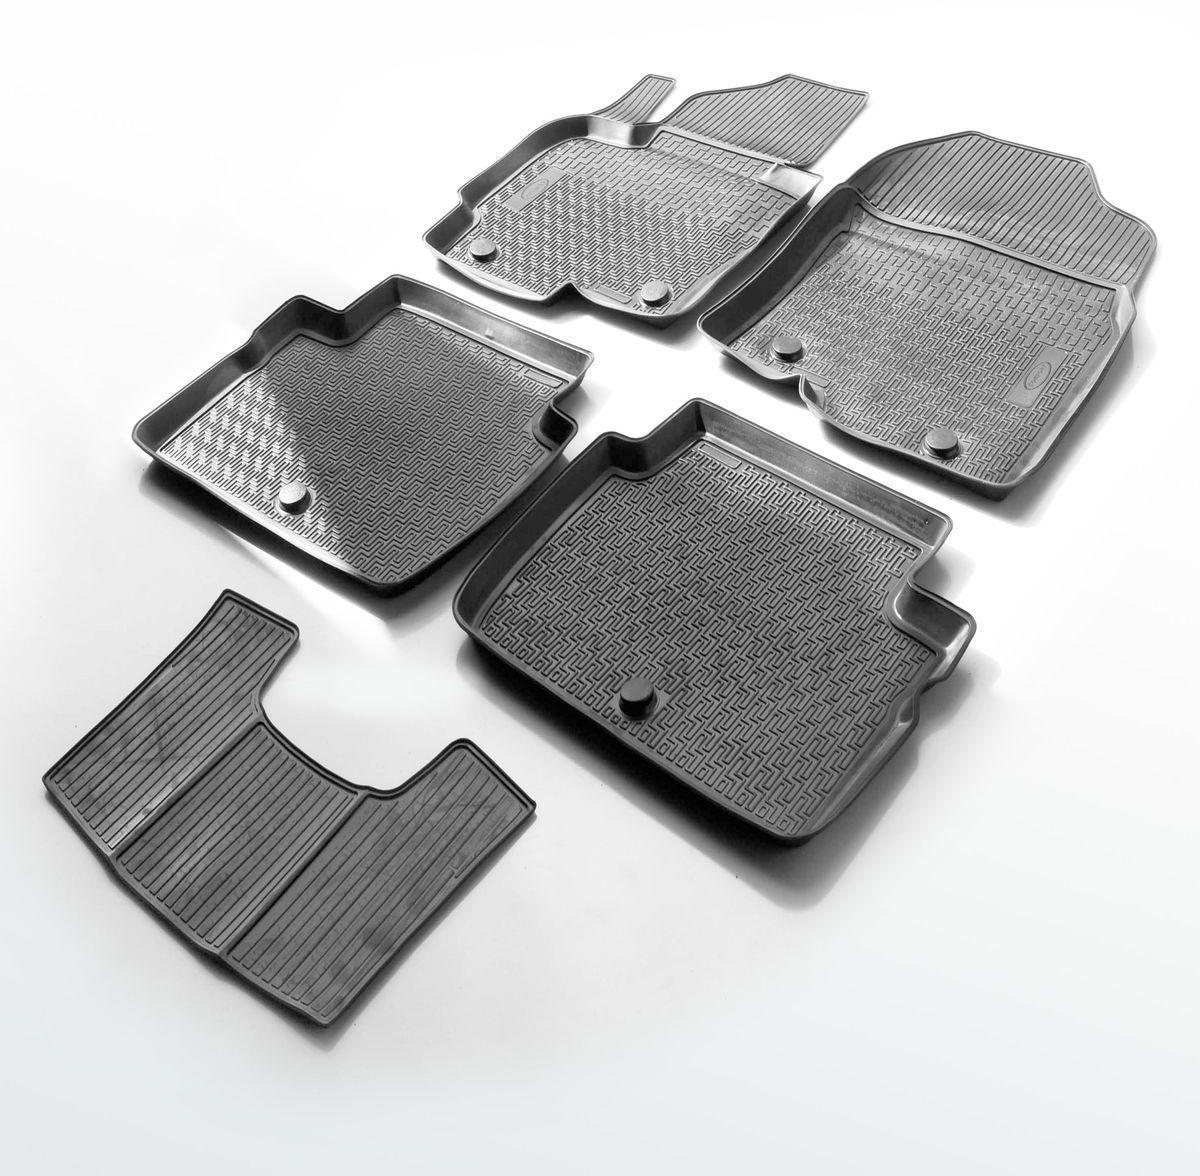 Ковры салона Rival для Jac S5 2013-, 4 шт + перемычка0019201001Автомобильные ковры салона Rival Прочные и долговечные ковры в салон автомобиля, изготовлены из высококачественного и экологичного сырья, полностью повторяют геометрию салона вашего автомобиля. - Надежная система крепления, позволяющая закрепить коврик на штатные элементы фиксации, в результате чего отсутствует эффект скольжения по салону автомобиля. - Высокая стойкость поверхности к стиранию. - Специализированный рисунок и высокий борт, препятствующие распространению грязи и жидкости по поверхности ковра. - Перемычка задних ковров в комплекте предотвращает загрязнение тоннеля карданного вала. - Произведены из первичных материалов, в результате чего отсутствует неприятный запах в салоне автомобиля. - Высокая эластичность, можно беспрепятственно эксплуатировать при температуре от -45 ?C до +45 ?C.